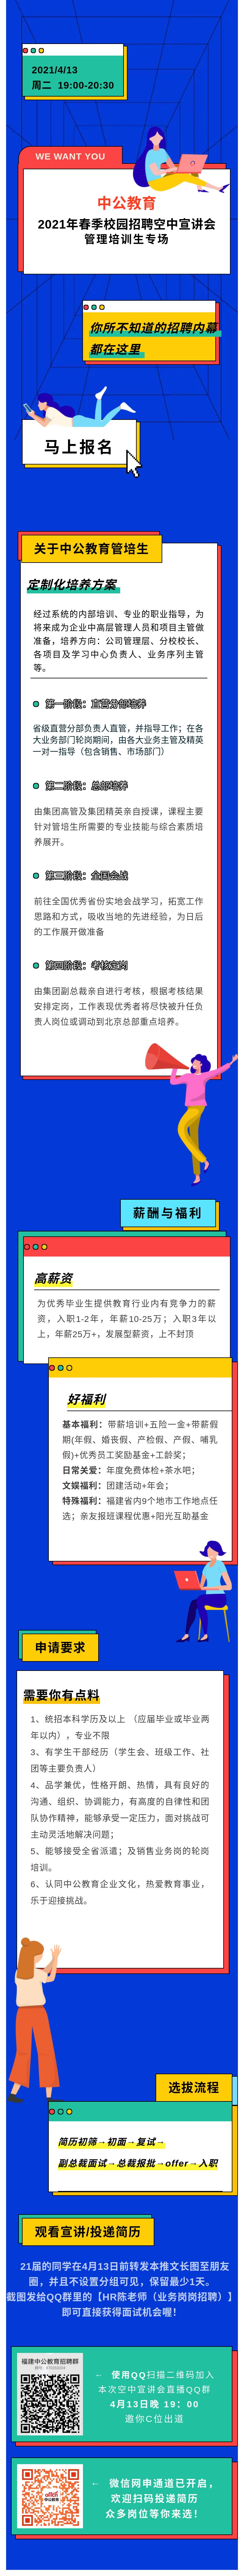 宣传长图(非高清)-4月13日,中公教育管培生专场空宣邀你C位出道.jpg